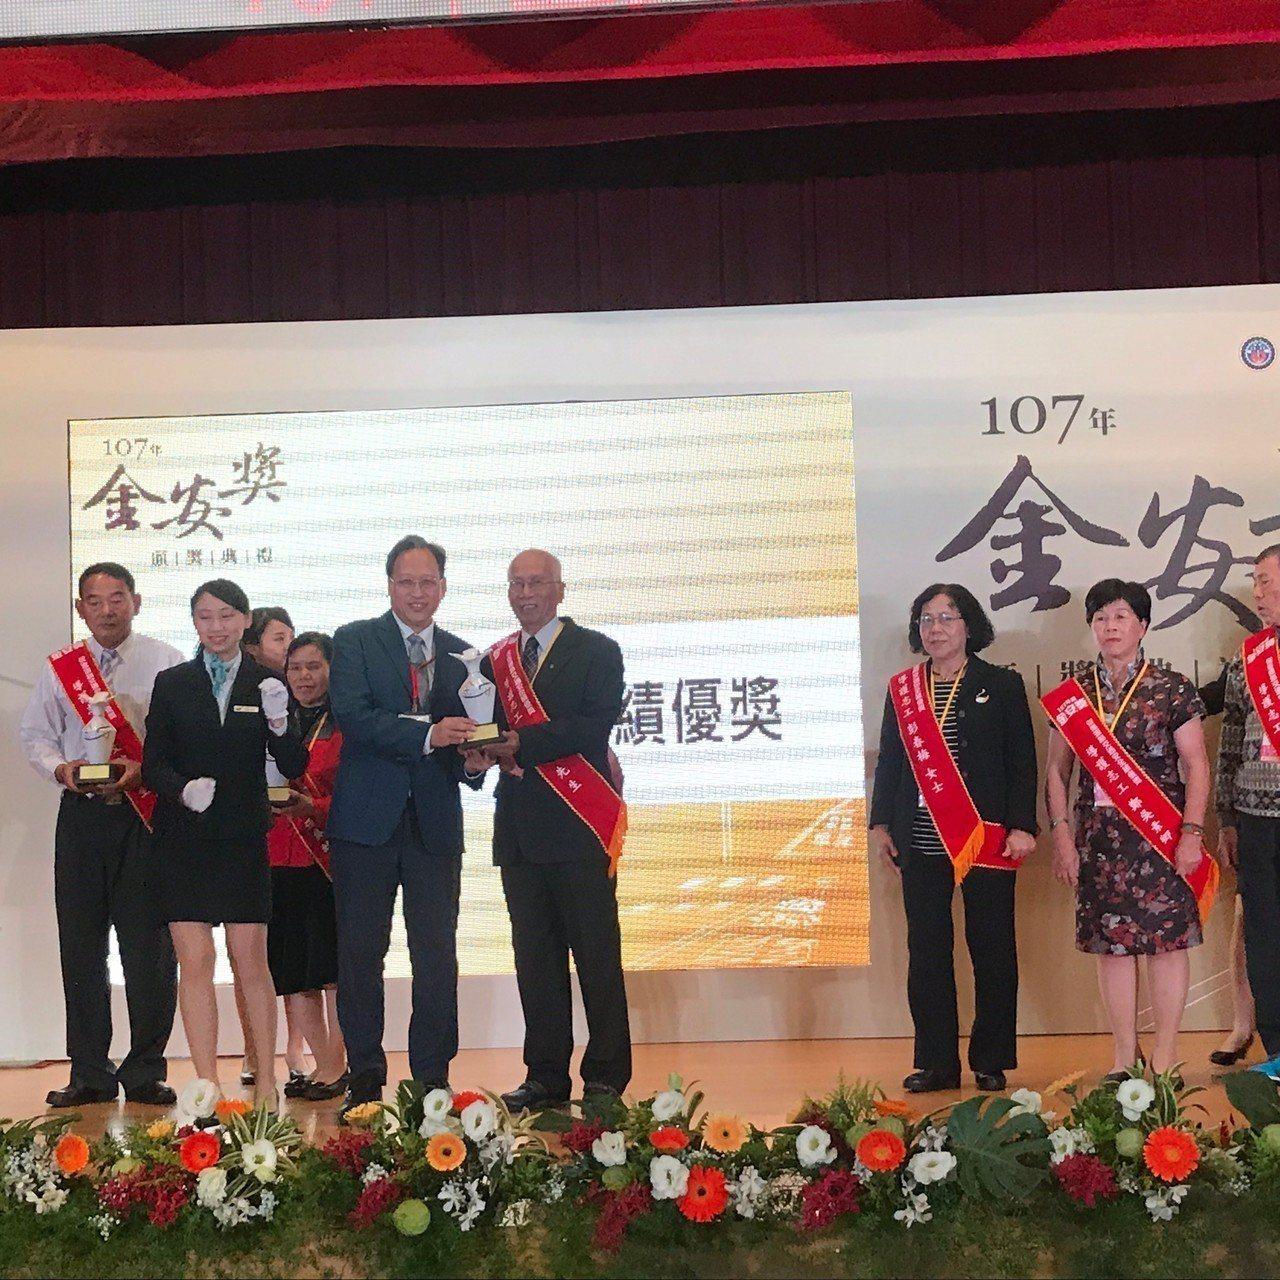 高齡80歲蘭潭國中退休老師陳喜彥,榮獲金安獎的導護志工績優獎。記者張曼蘋/攝影